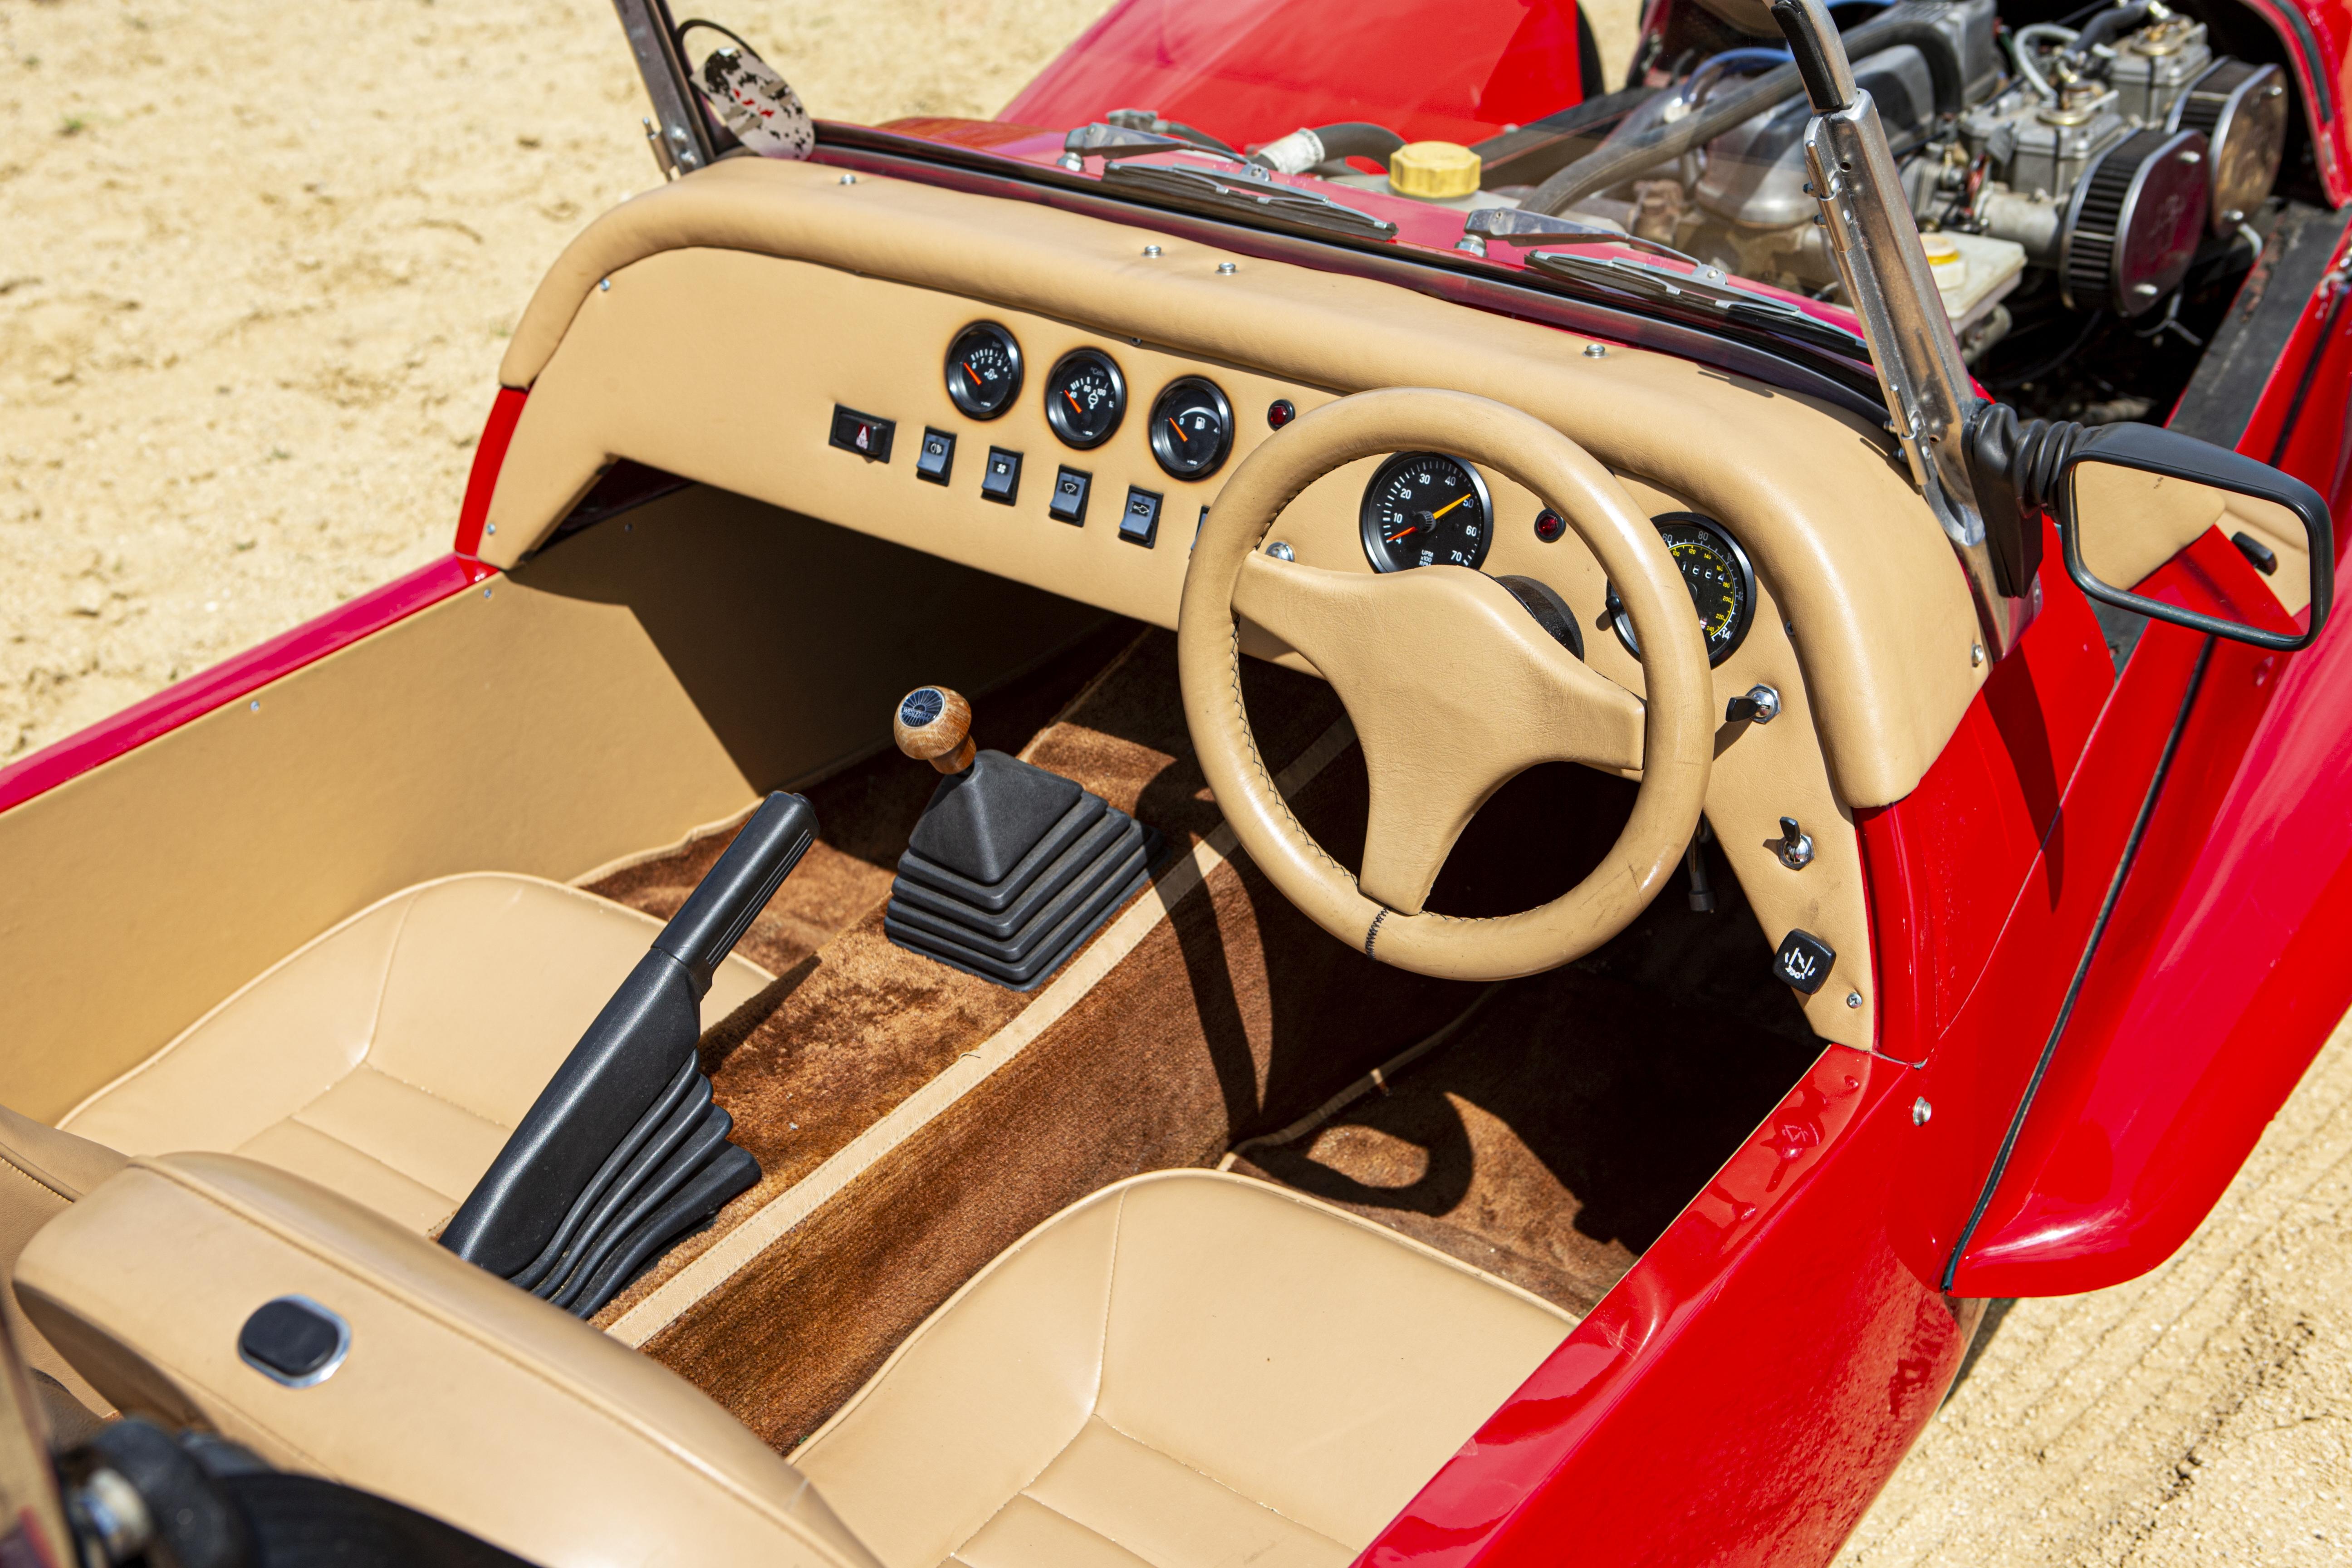 1992 Westfield Chassis no. 92WS1208 - Bild 10 aus 18